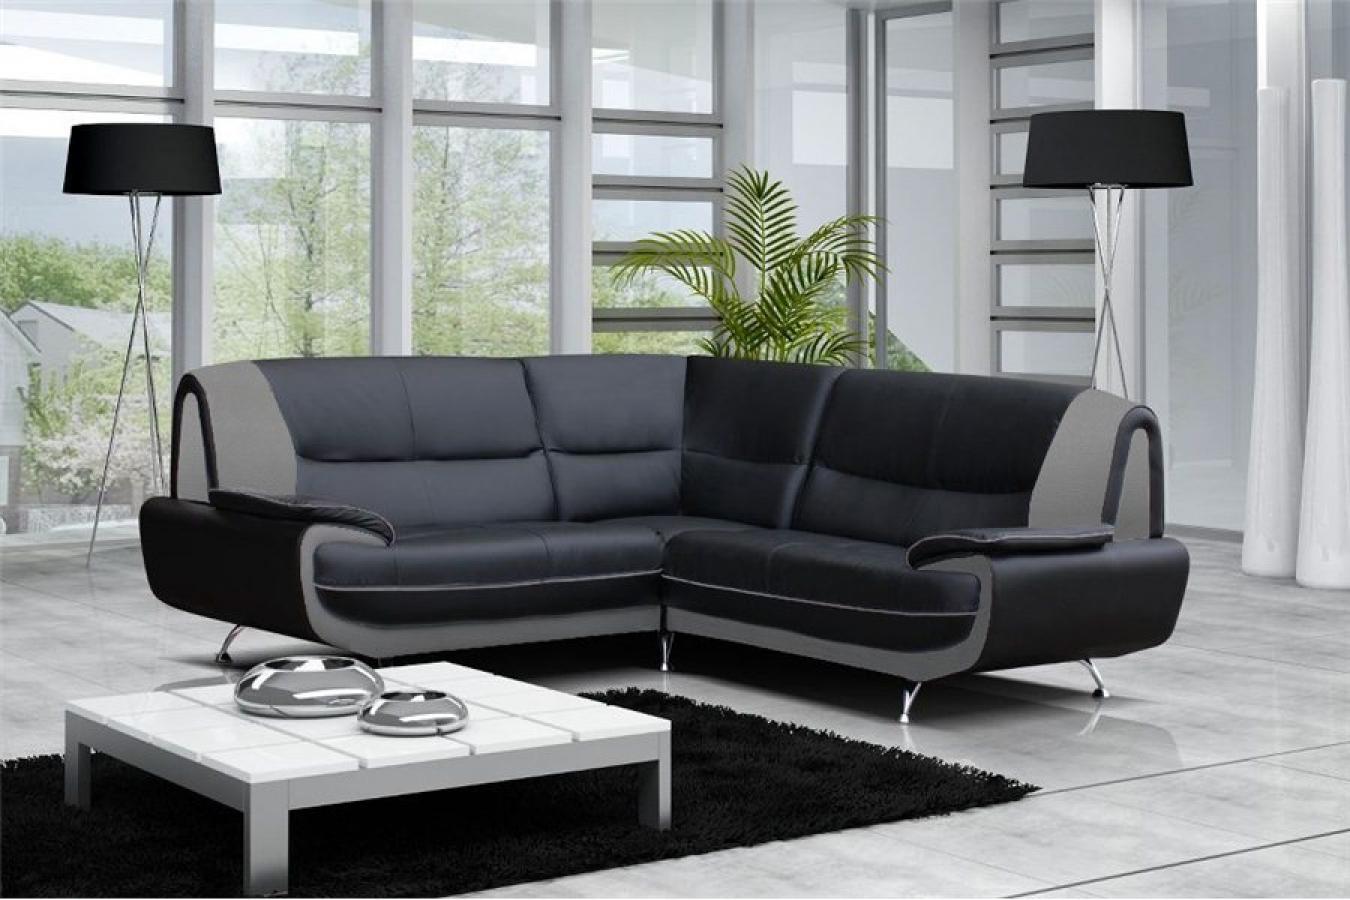 Photos canapé moderne noir